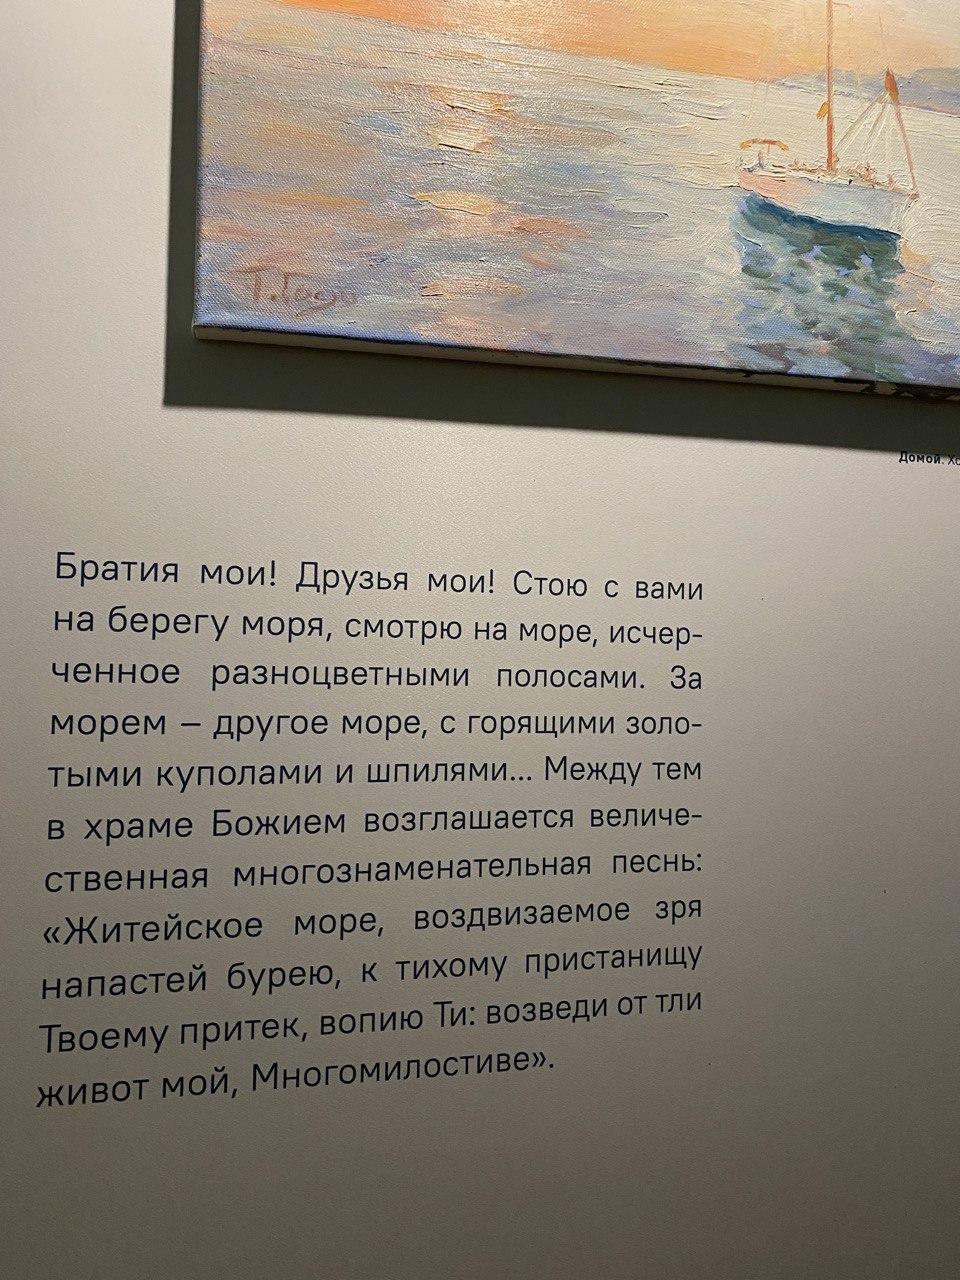 В Марфо-Мариинской обители открылась выставка ко Дню памяти преподобномученицы Елизаветы Федоровны